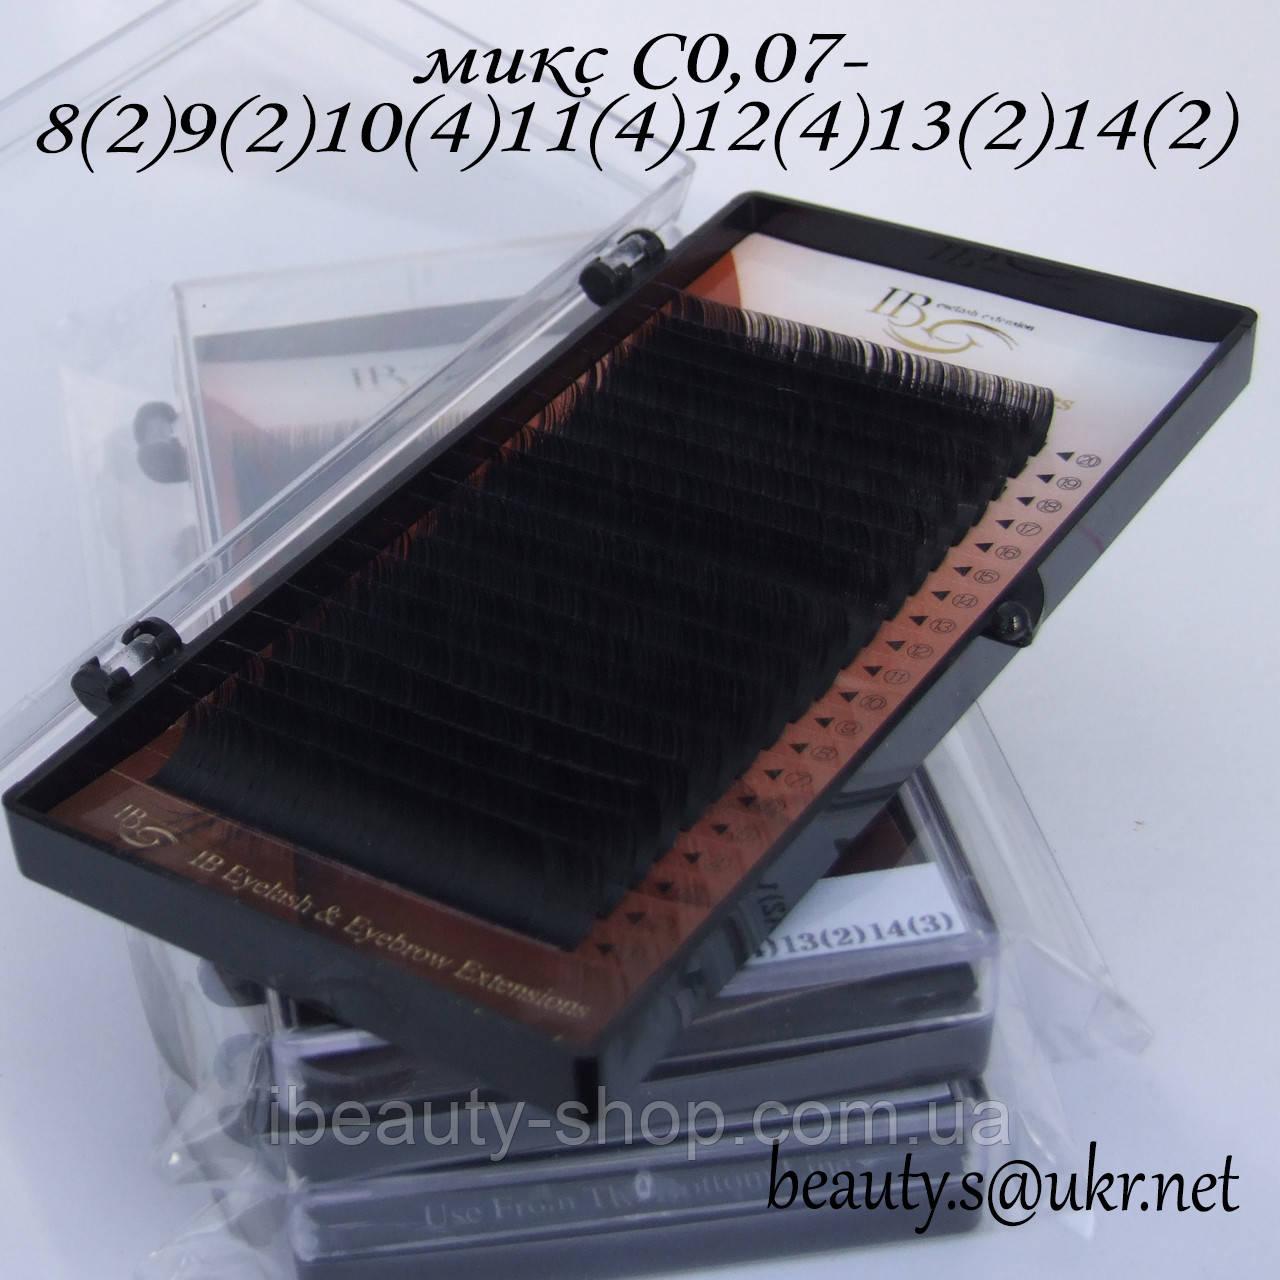 Ресницы I-Beauty микс СС-0,07 8-14мм